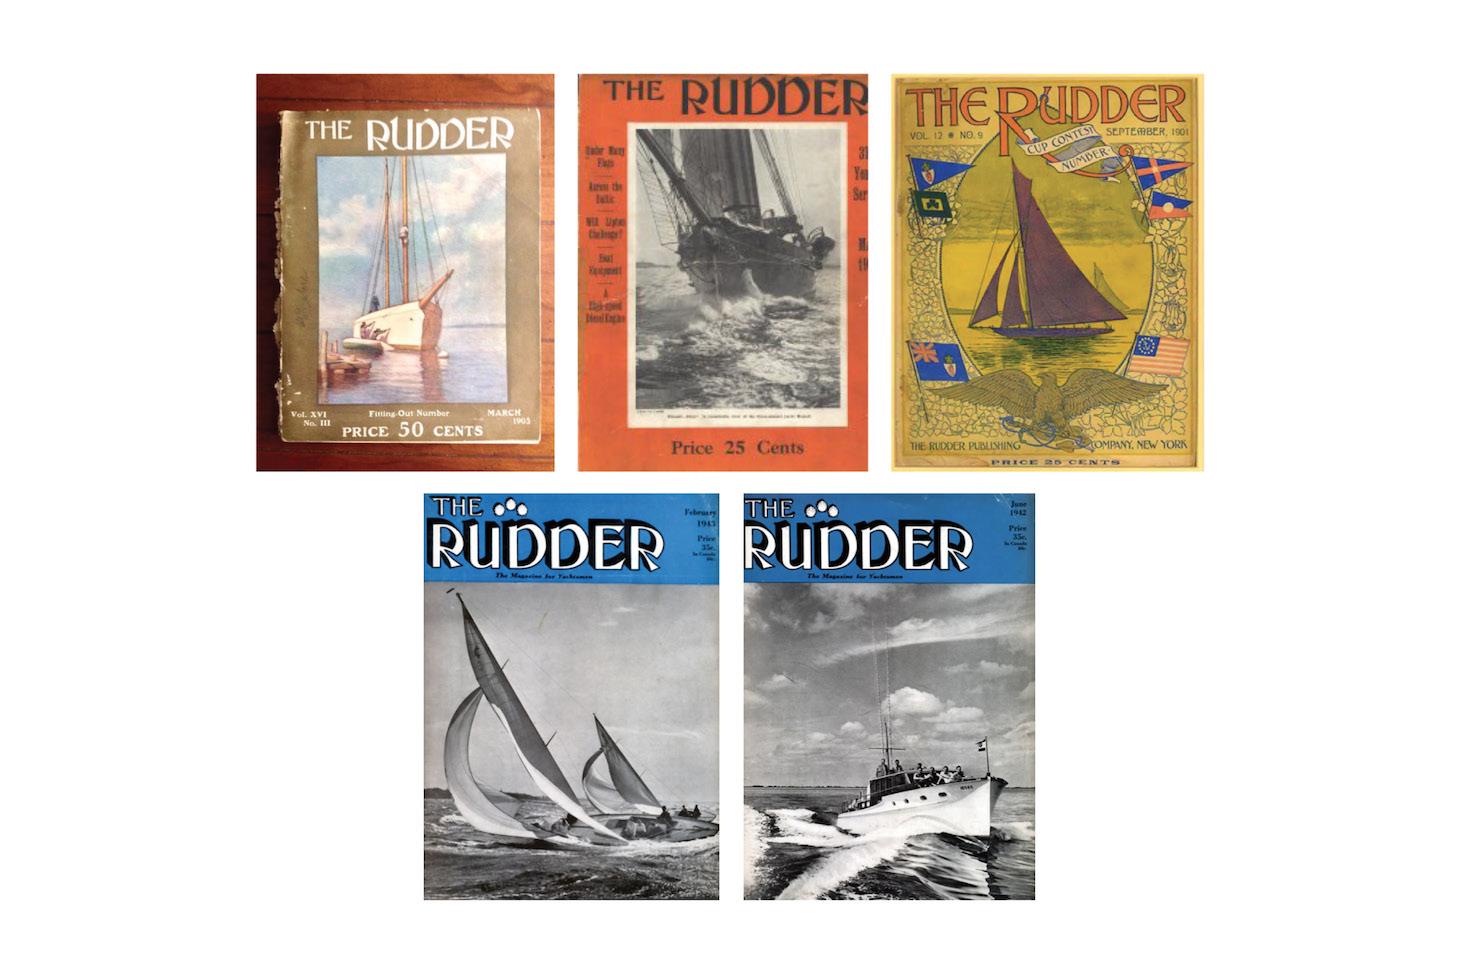 RUDDER_Typographie_02